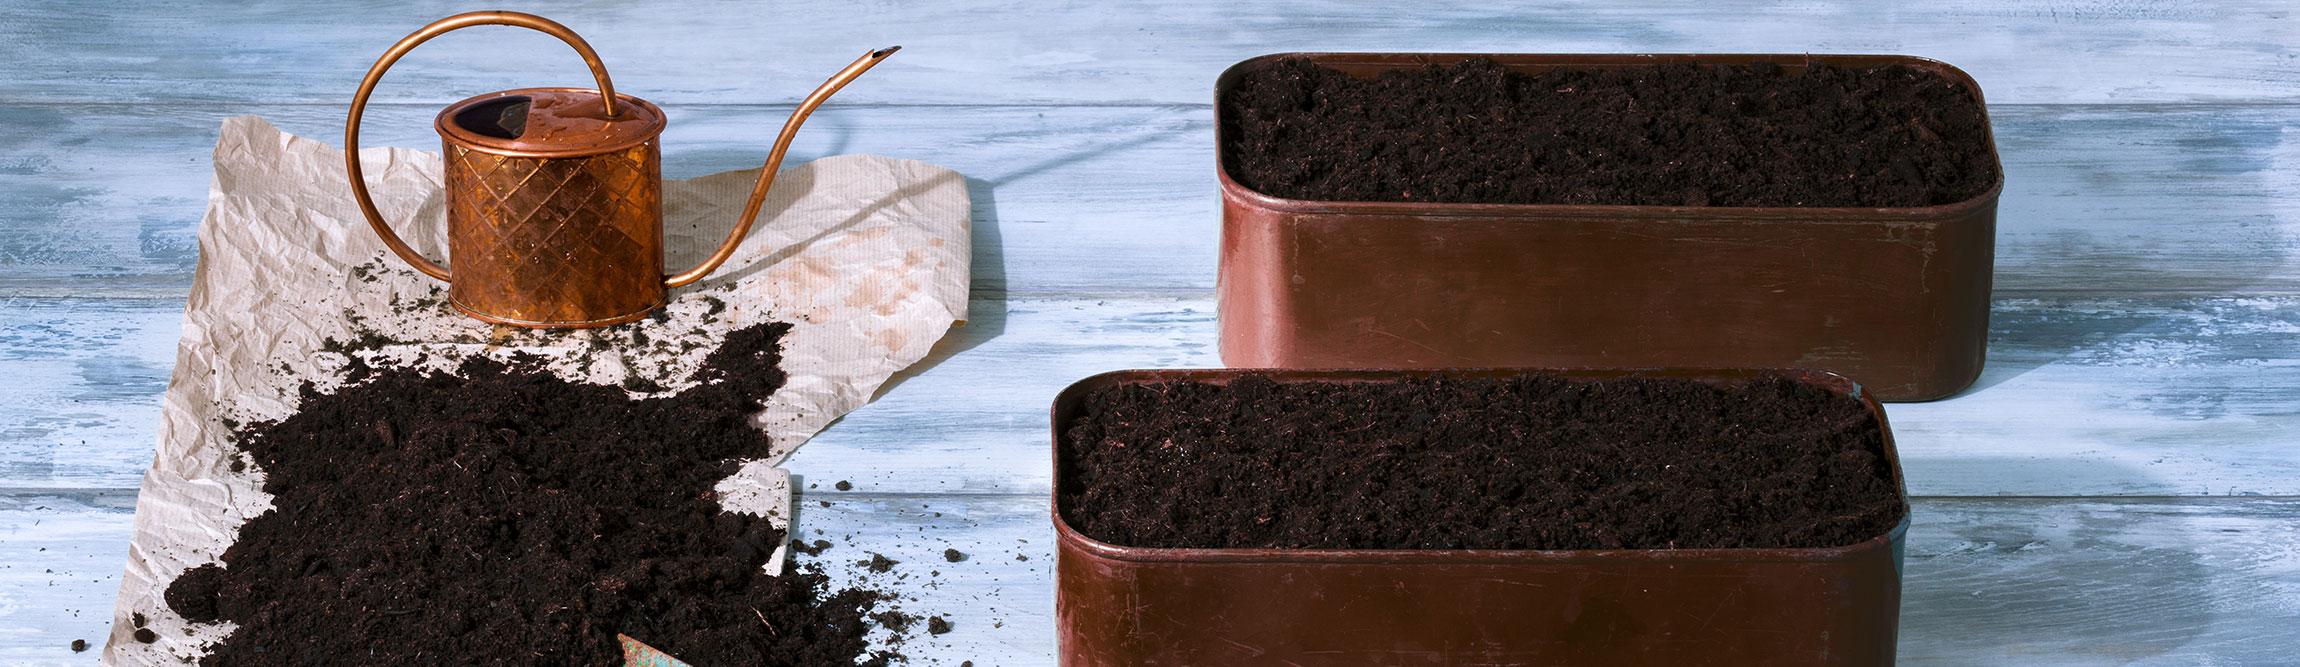 Copper-plant-pots